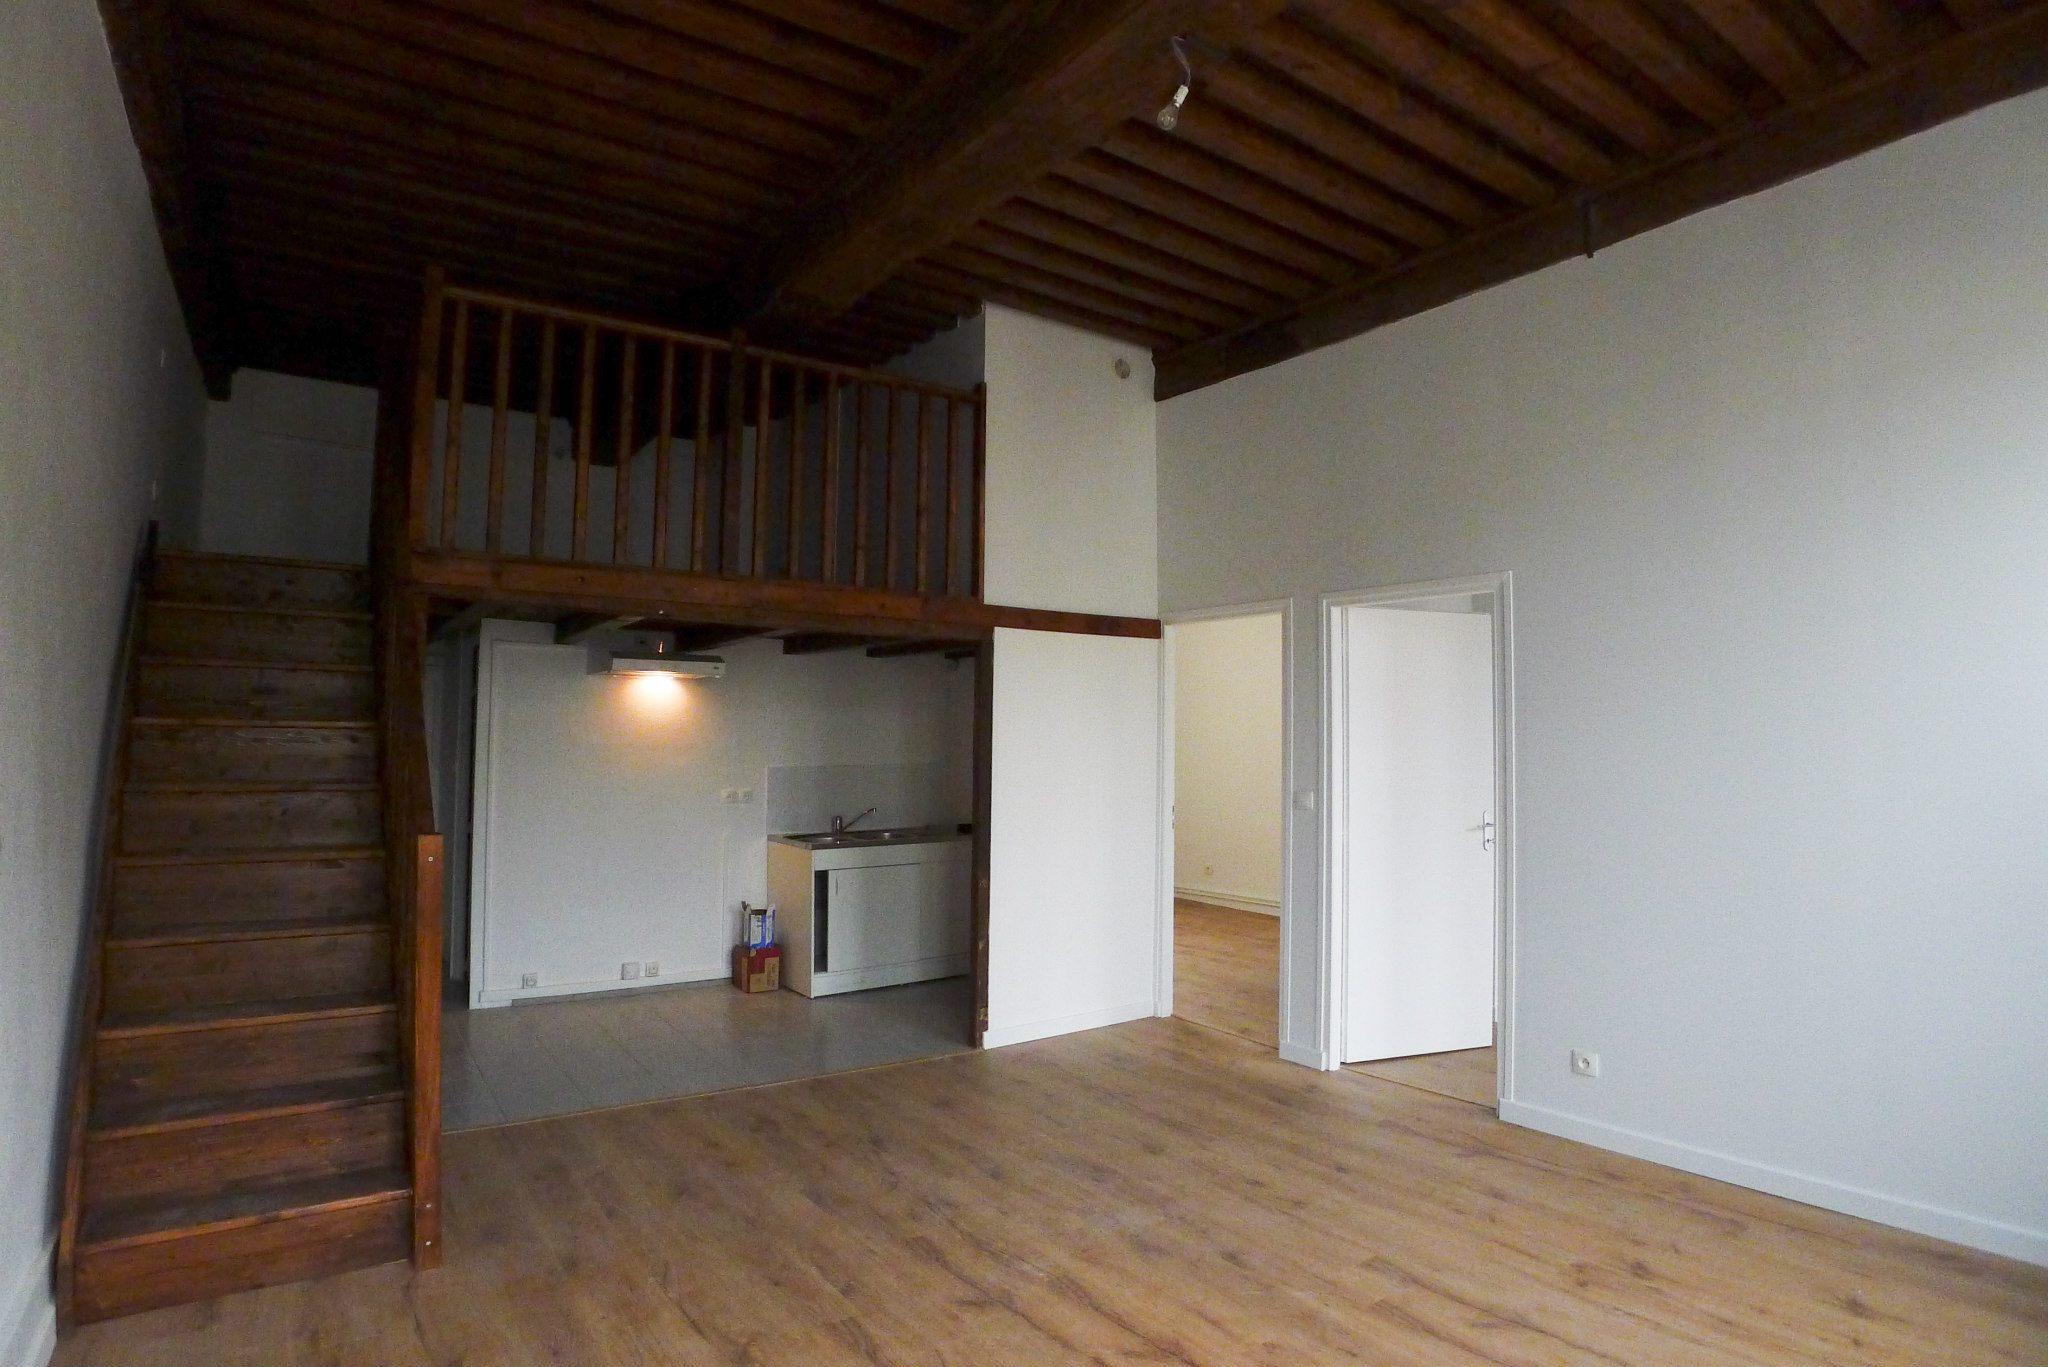 Appartement canut croix rousse ecoconfiance r novation for Renovation canut